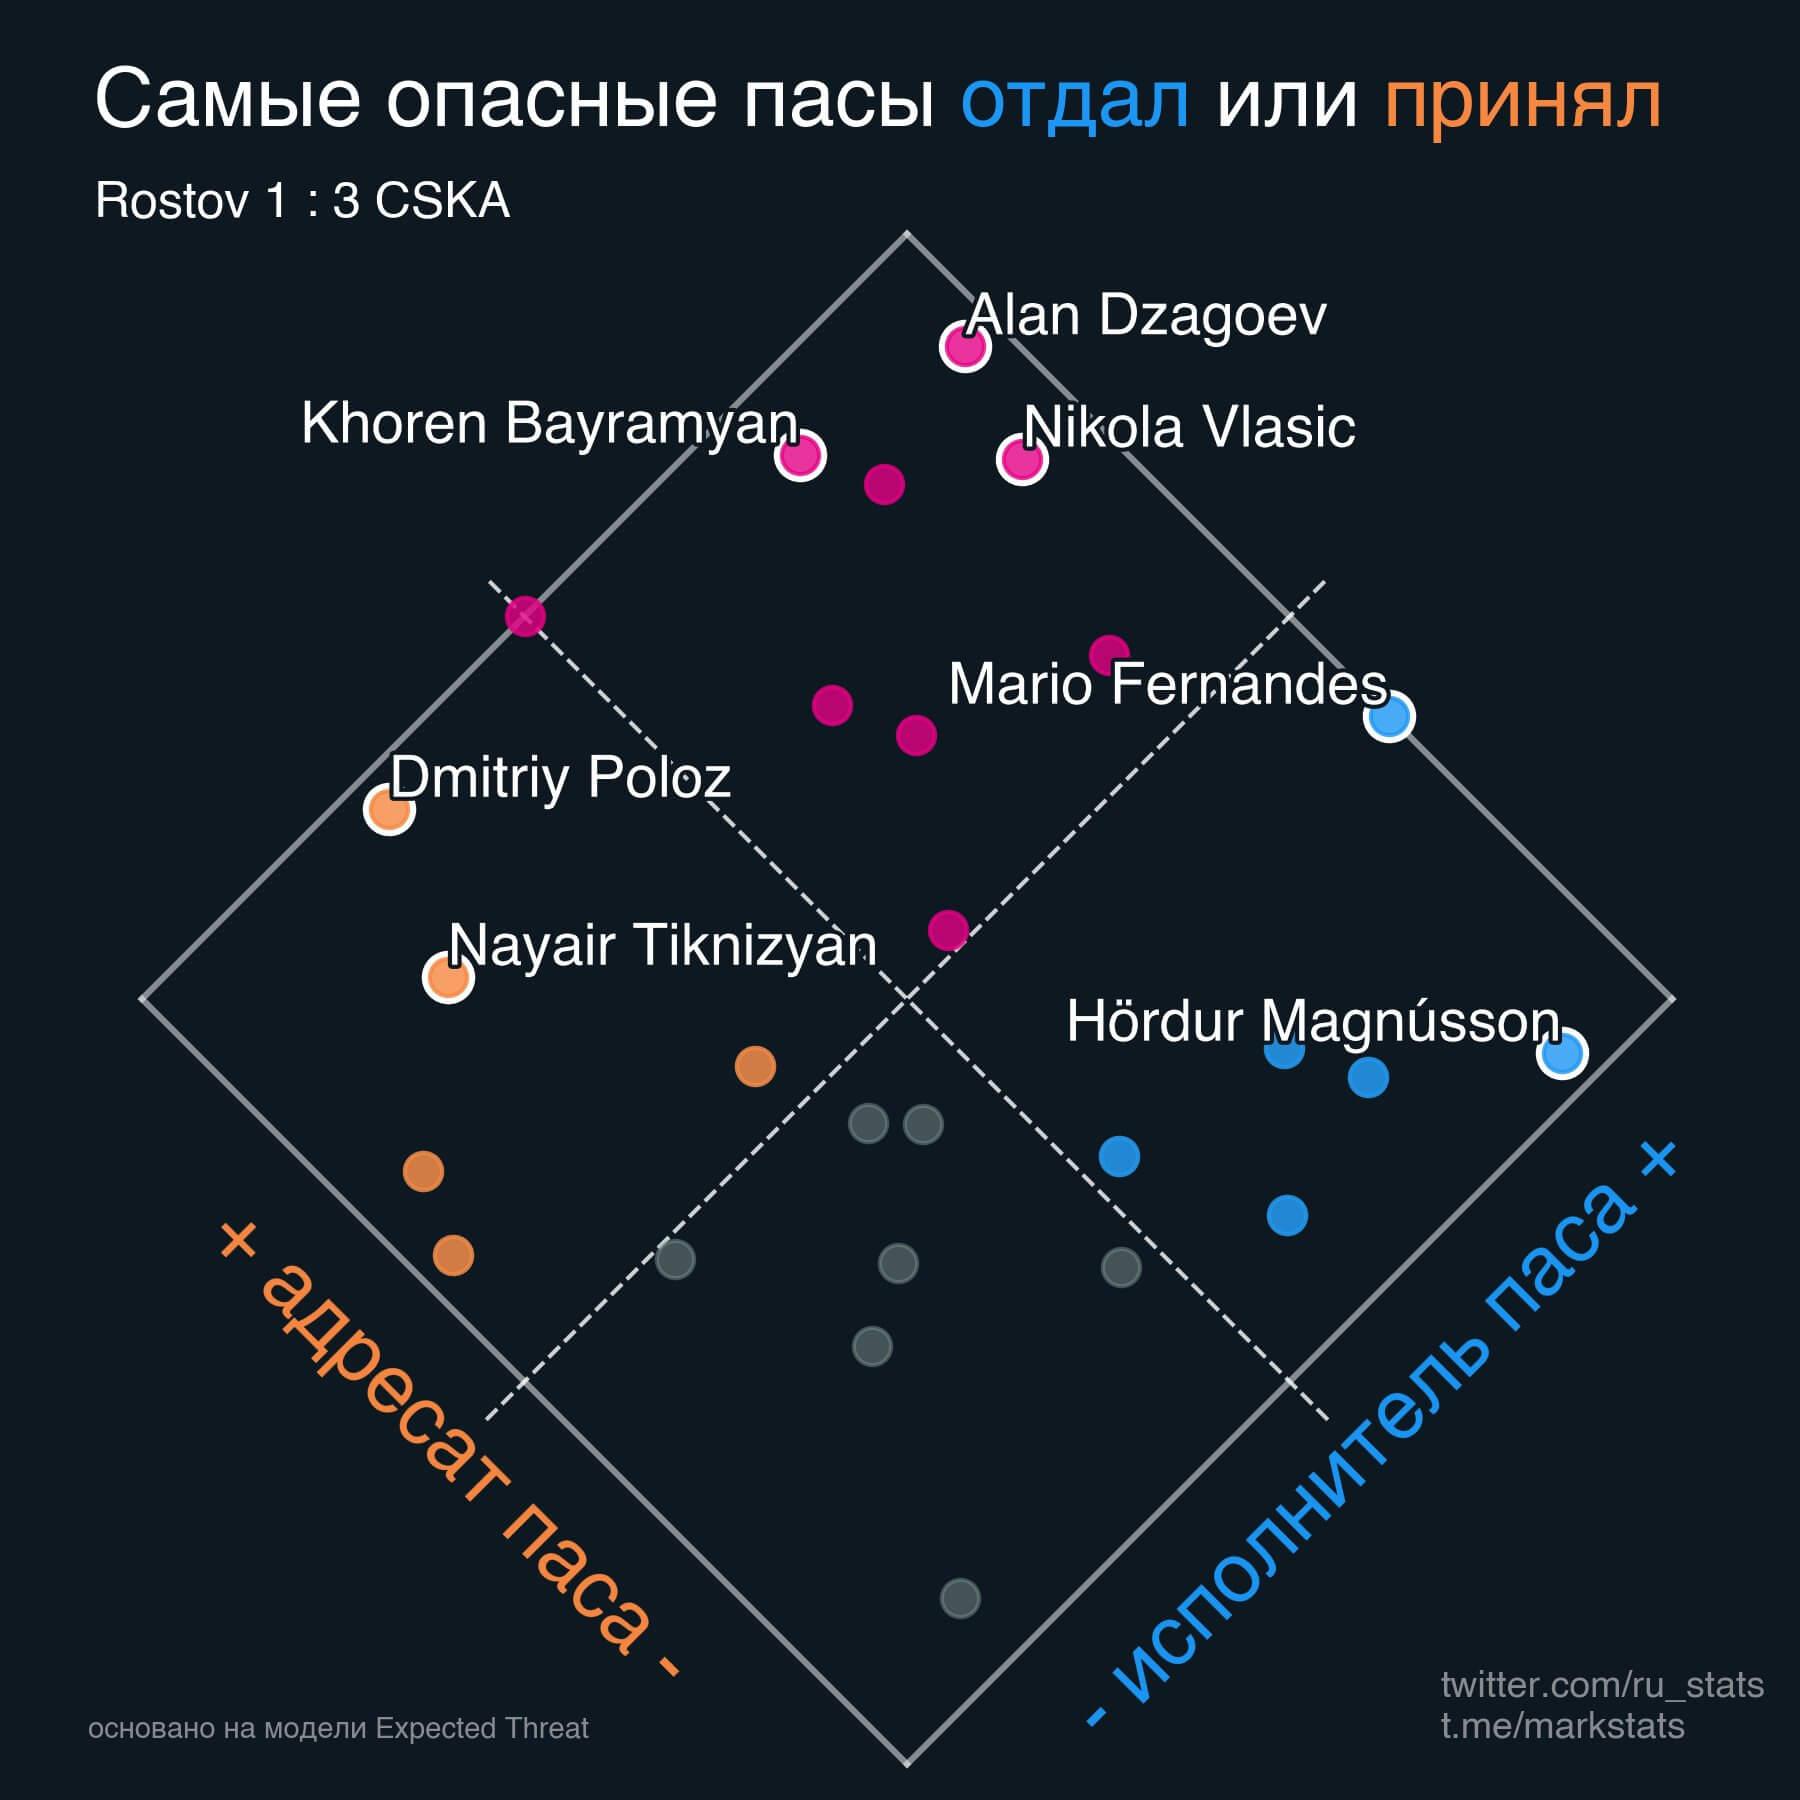 ЦСКА классно обыграл «Ростов». Даже Чалов очнулся и показал топовое движение